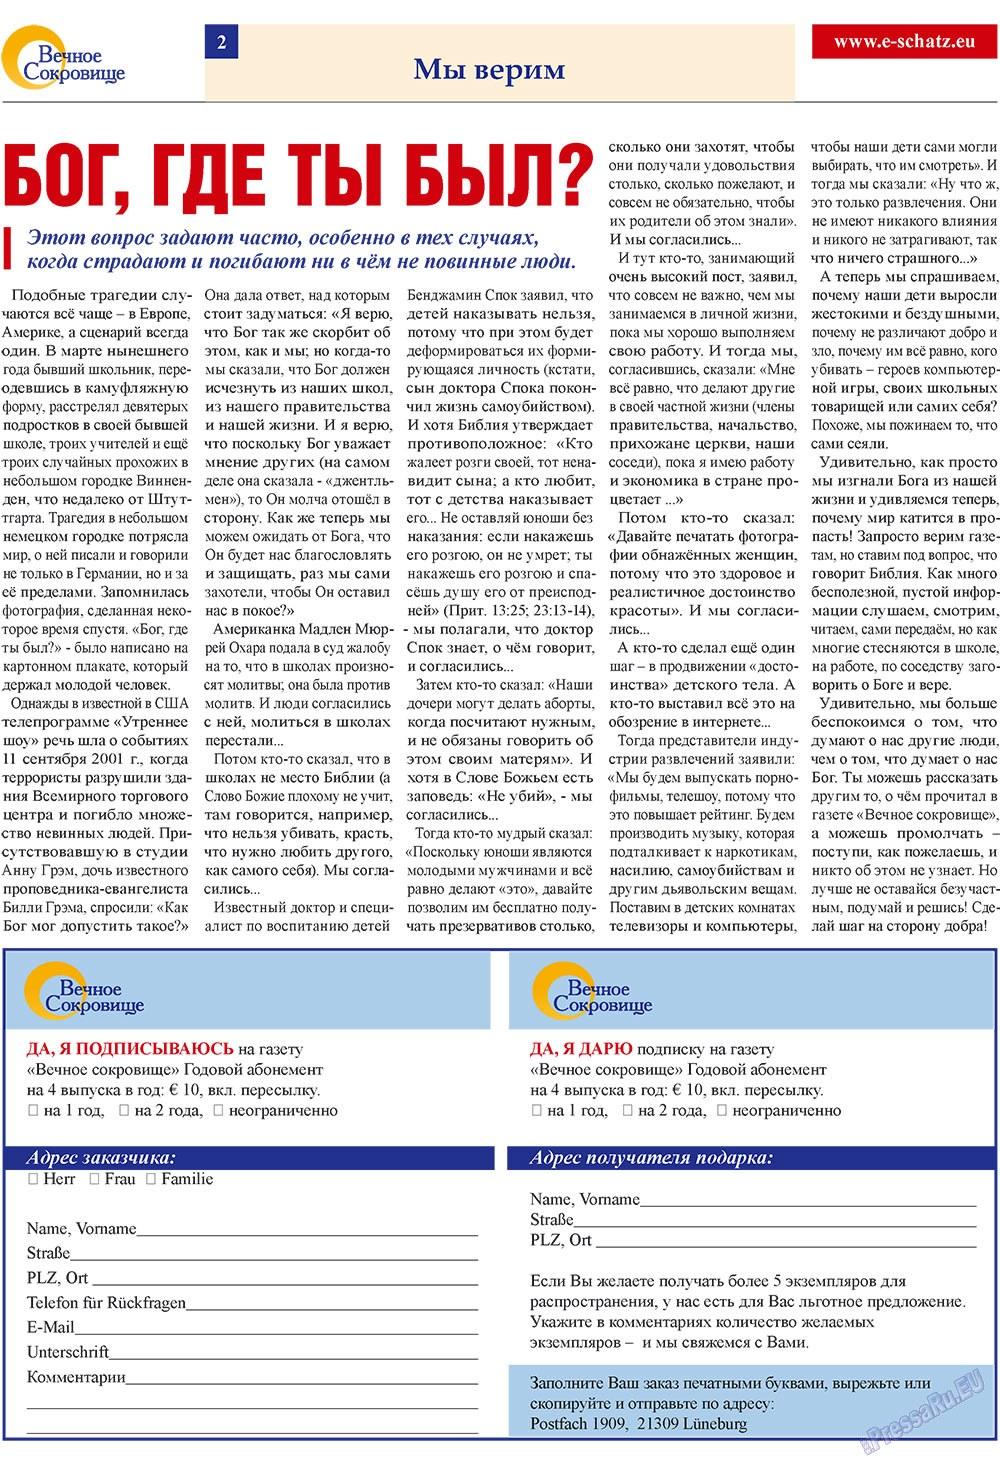 Вечное сокровище (газета). 2009 год, номер 2, стр. 2